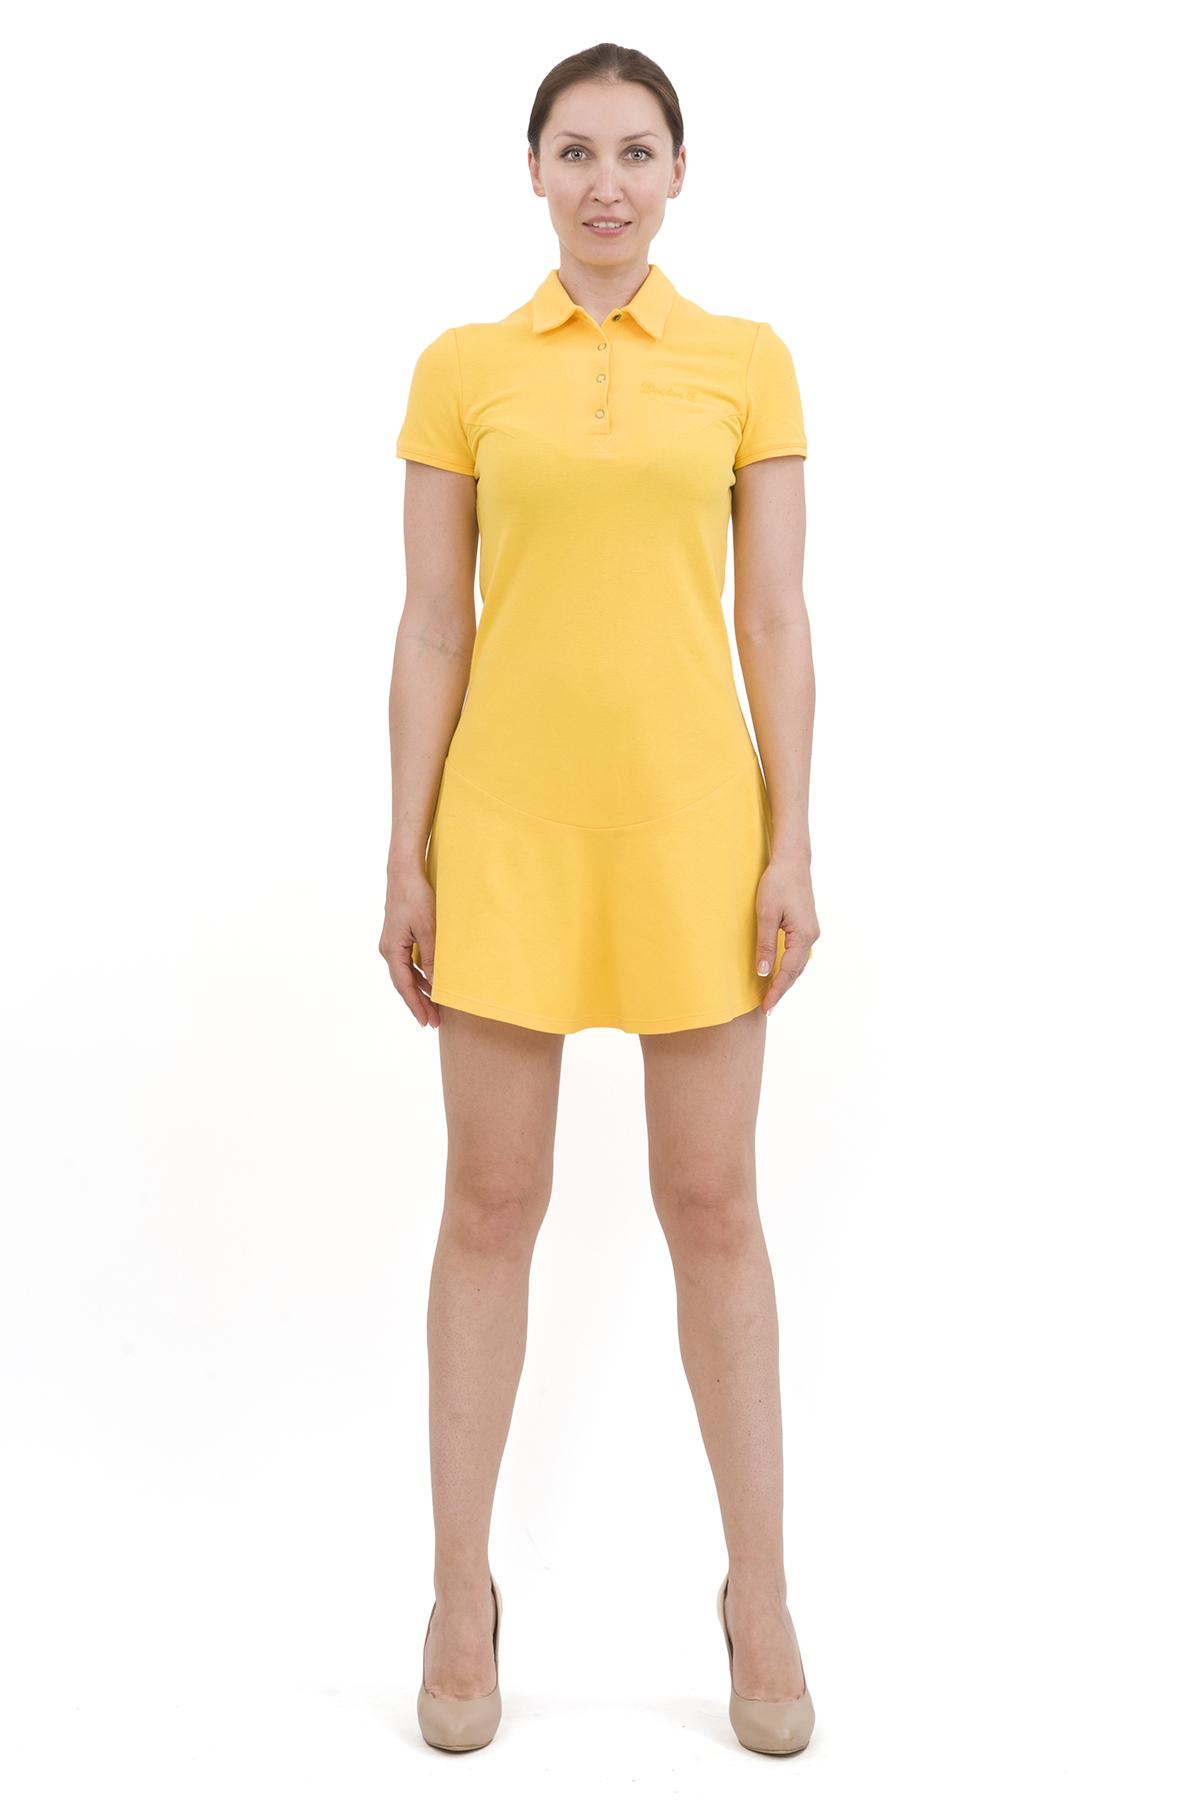 ПлатьеПлатья,  сарафаны<br>Изумительное платье яркой расцветки и оригинального дизайна не оставит Вас незамеченной среди окружающих. Отличный вариант на лето!<br><br>Цвет: желтый<br>Состав: 100% хлопок<br>Размер: 40,42,44,46,48,50,52,54,56,58,60<br>Страна дизайна: Россия<br>Страна производства: Россия